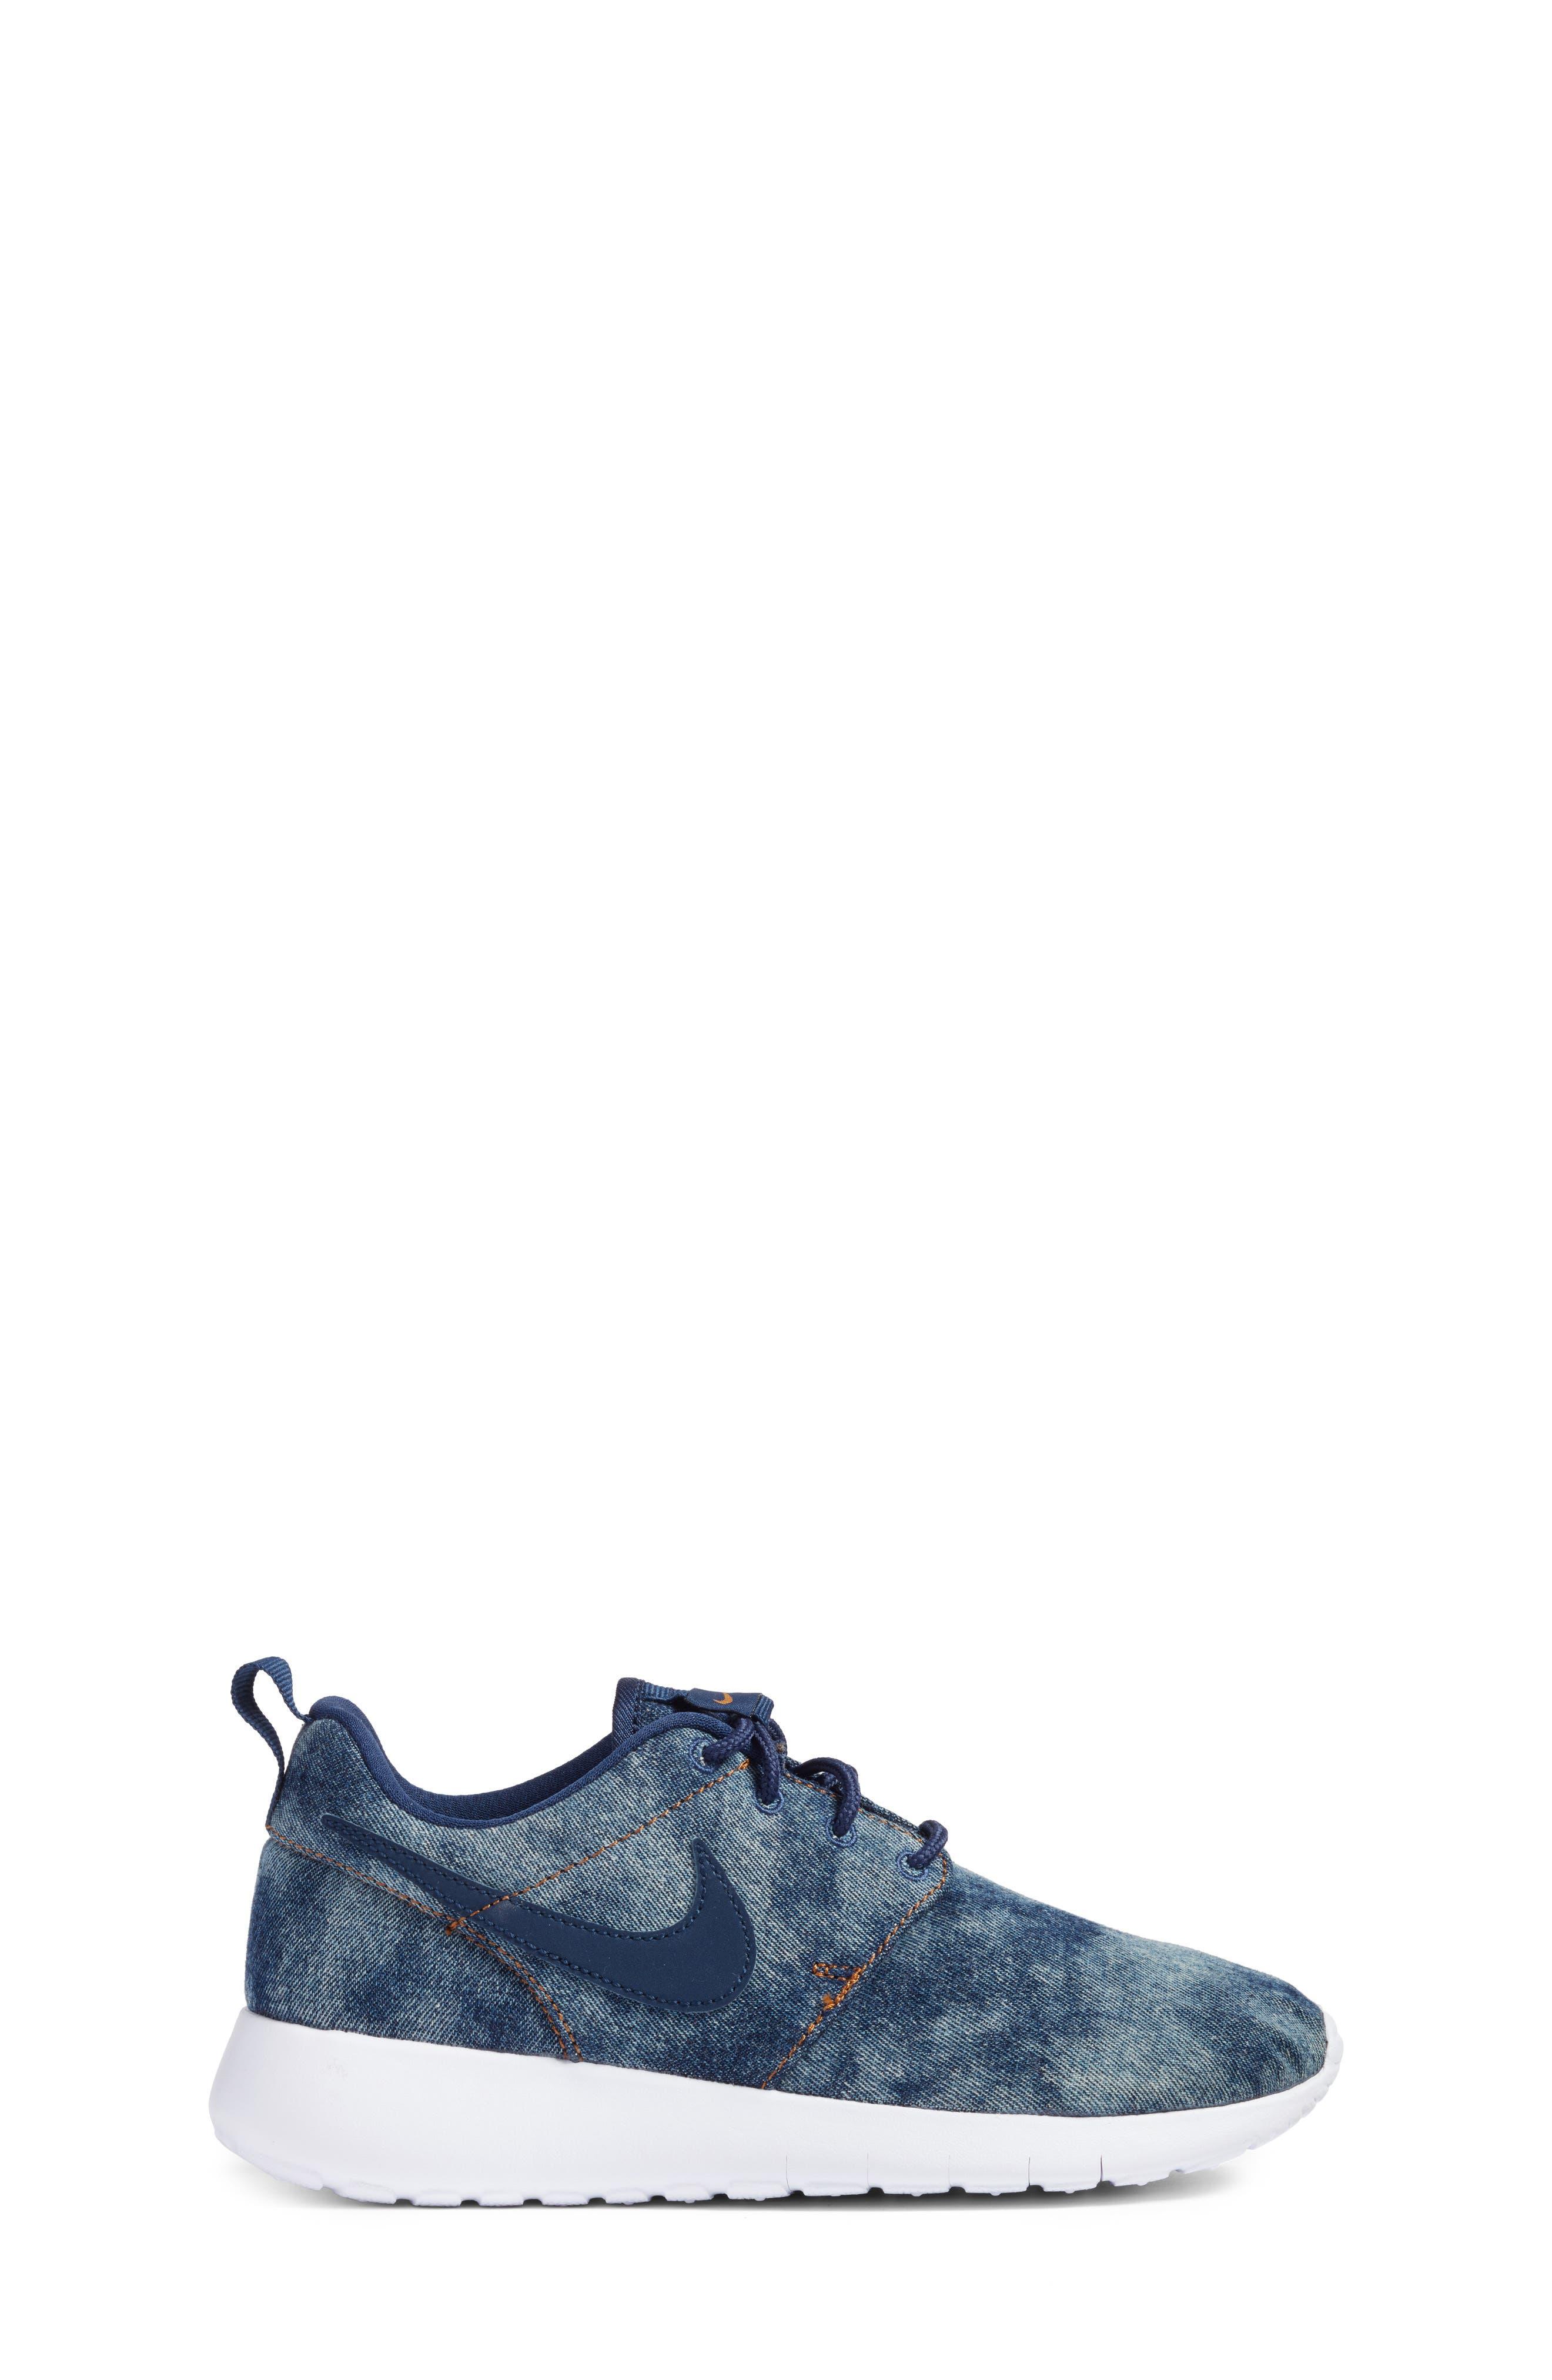 Roshe One SE Sneaker,                             Alternate thumbnail 3, color,                             400